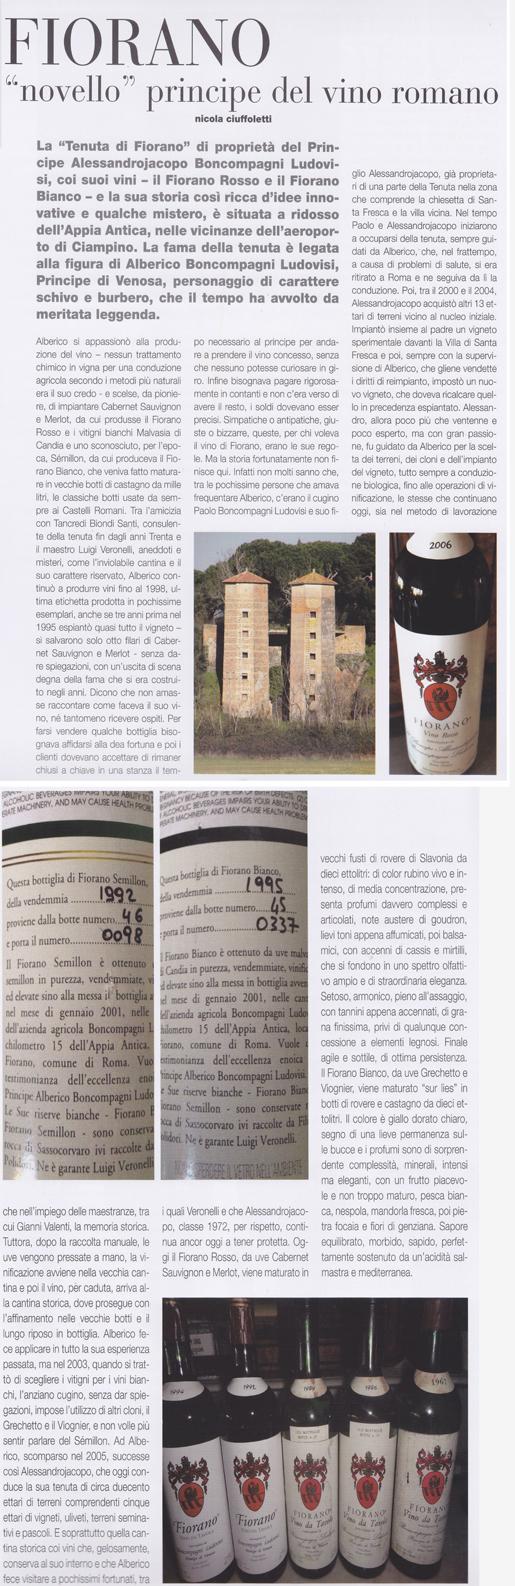 Tenuta di Fiorano Rassegna stampa 2013 - Oinos